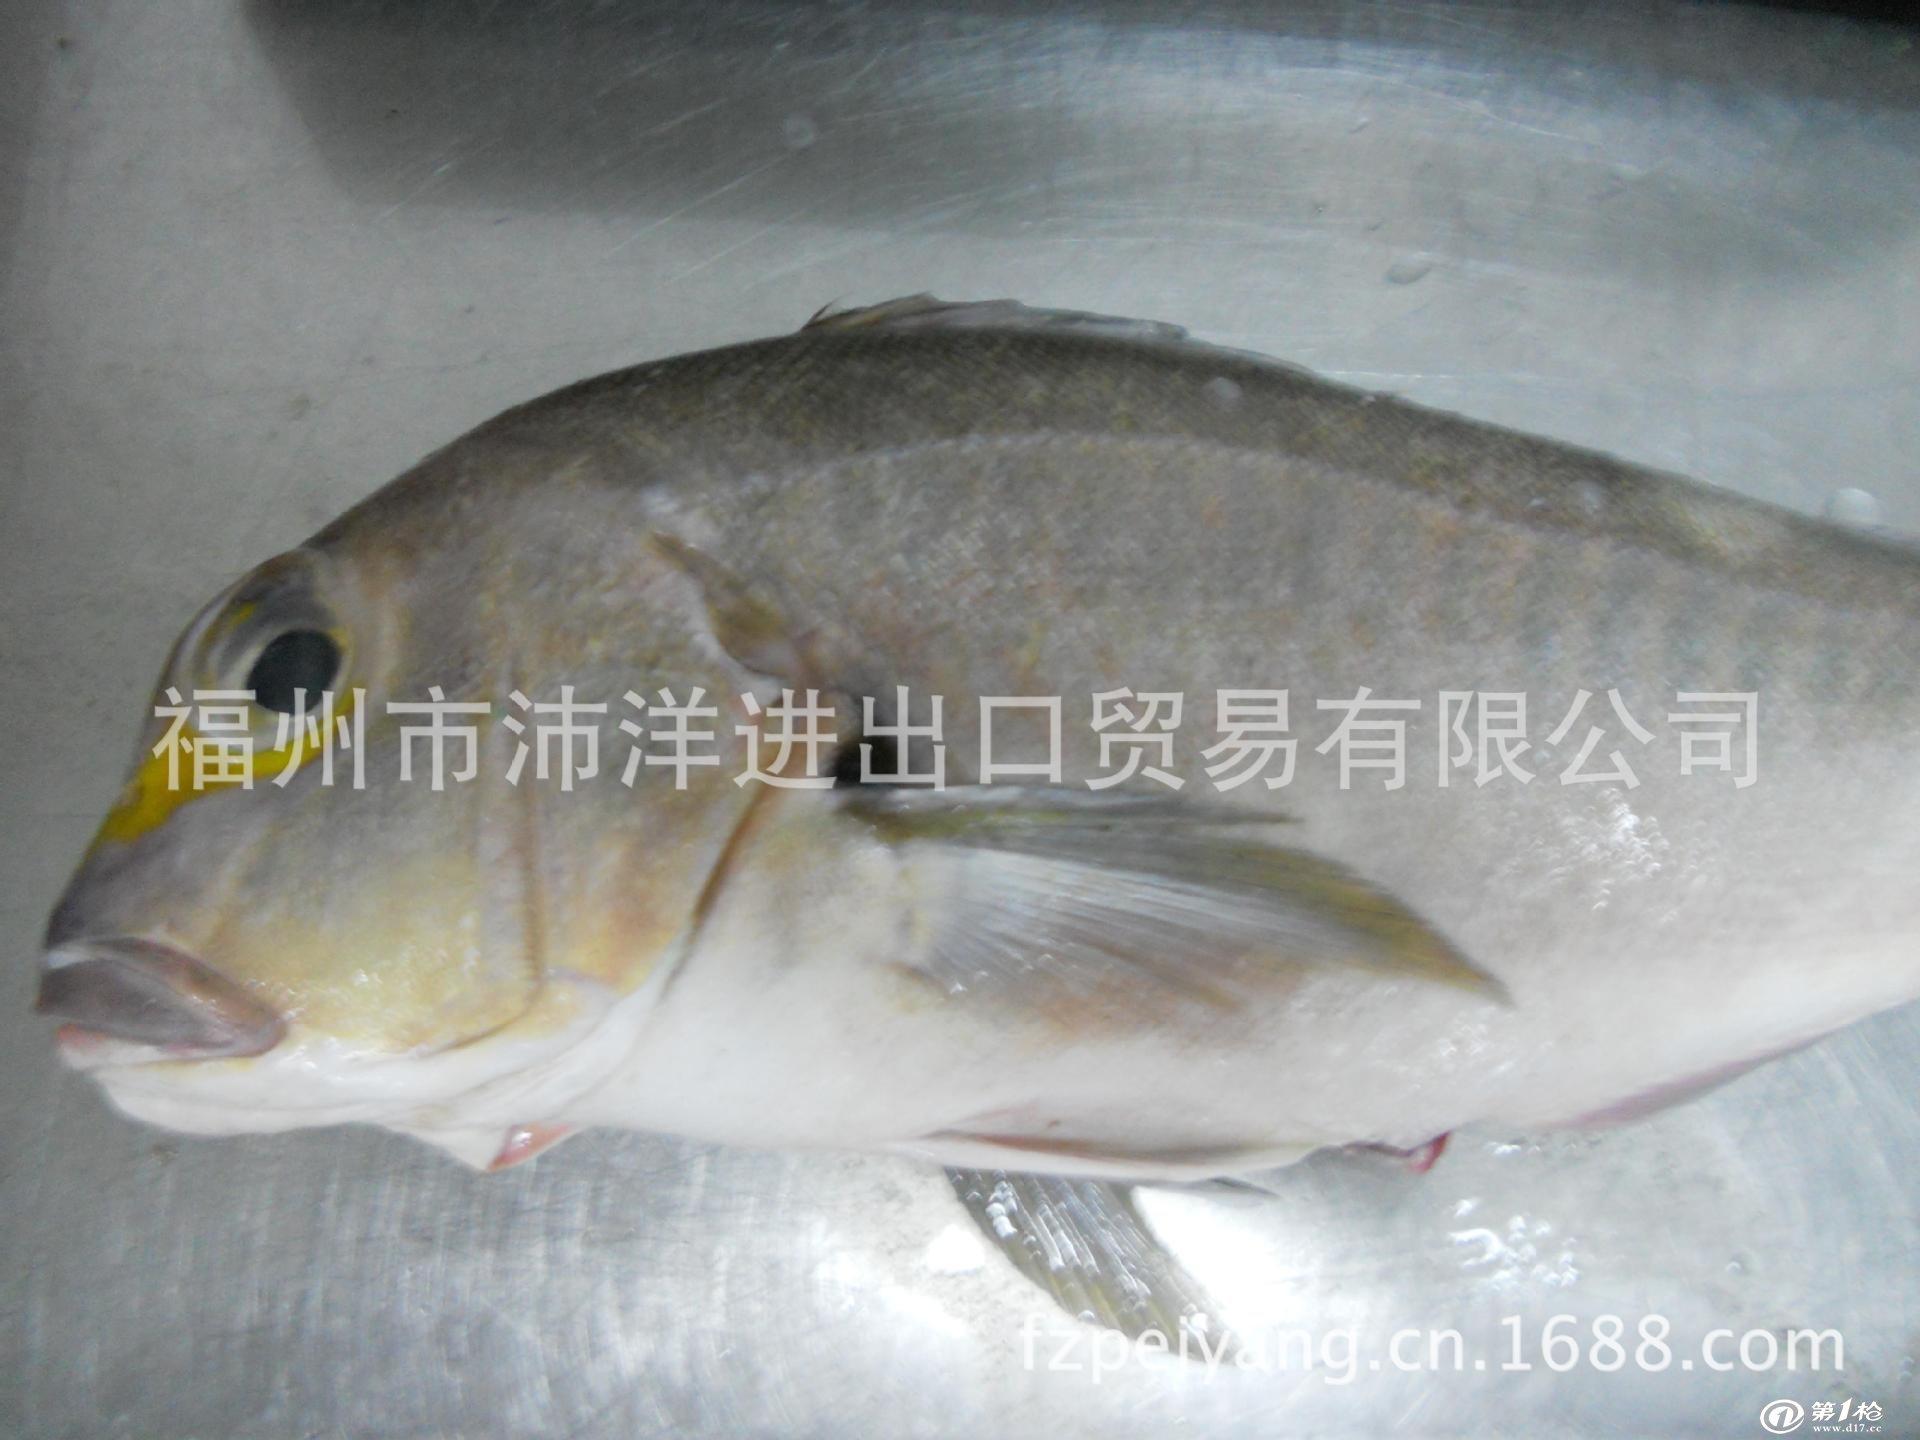 墨西哥进口稀缺品种马头鱼(yellow eye)